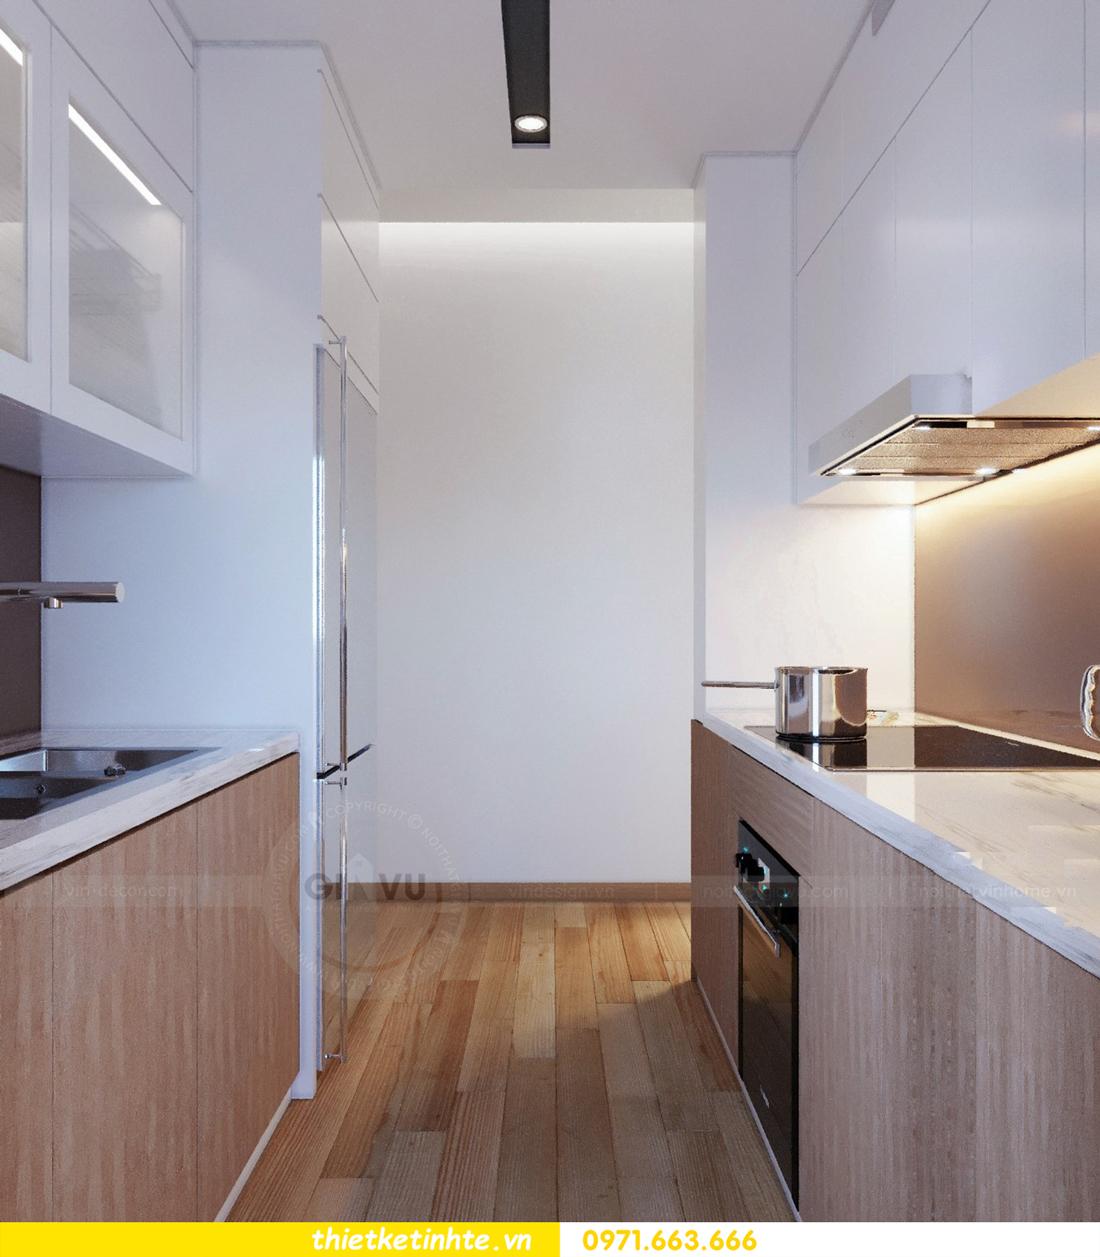 thiết kế nội thất chung cư Skylake tòa S2 căn 11 nhà anh Trường 06